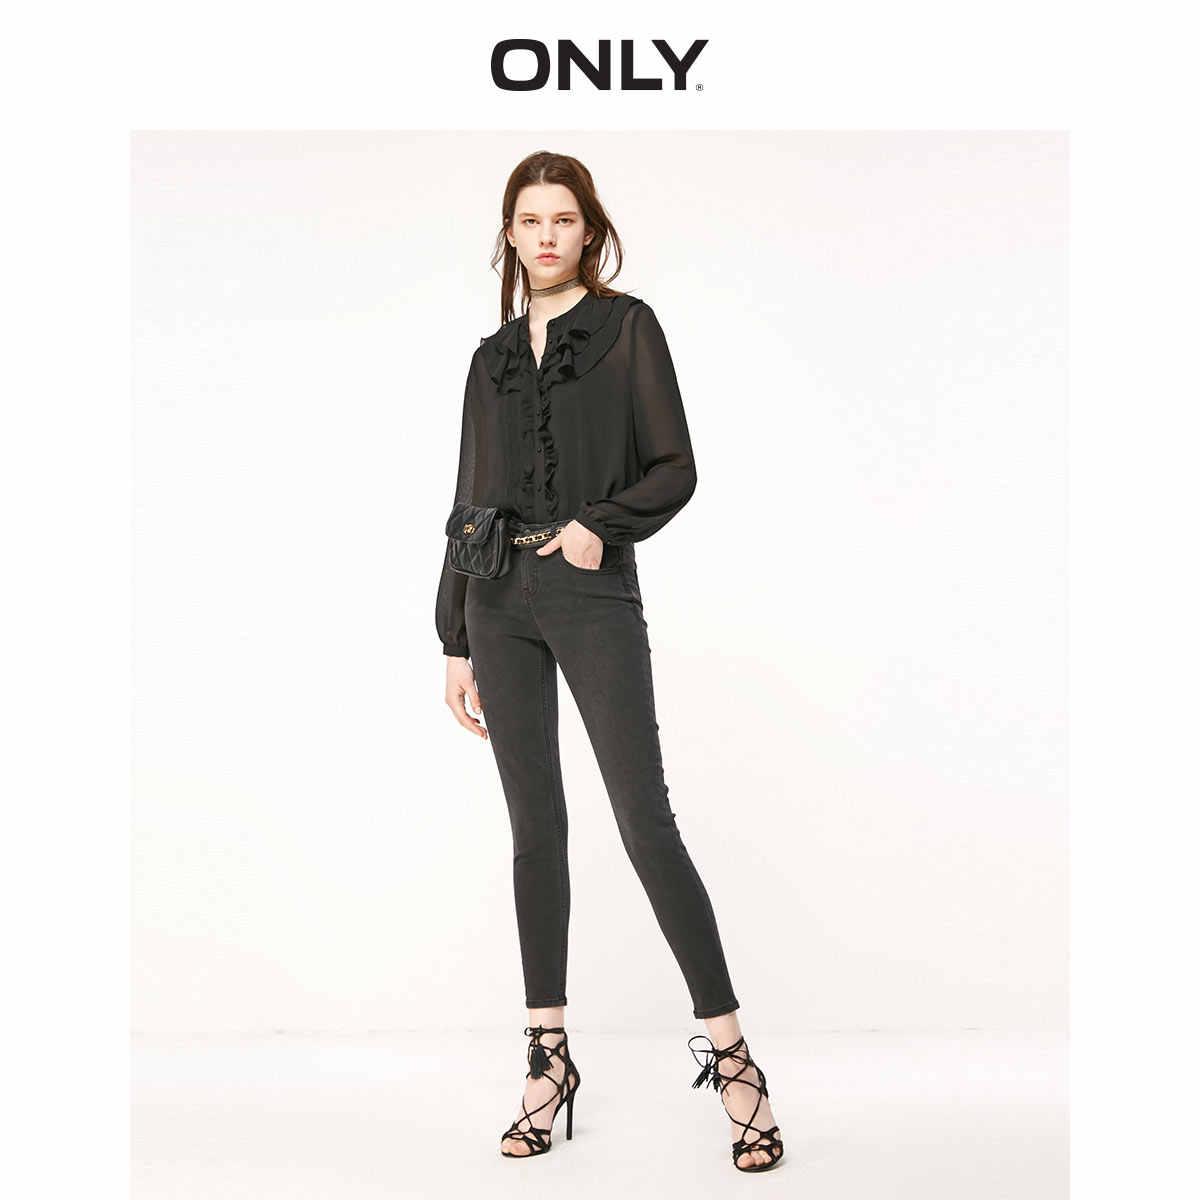 NUR Frauen der Frauen der Low-rise Dünne Stretch Jeans | 119132516